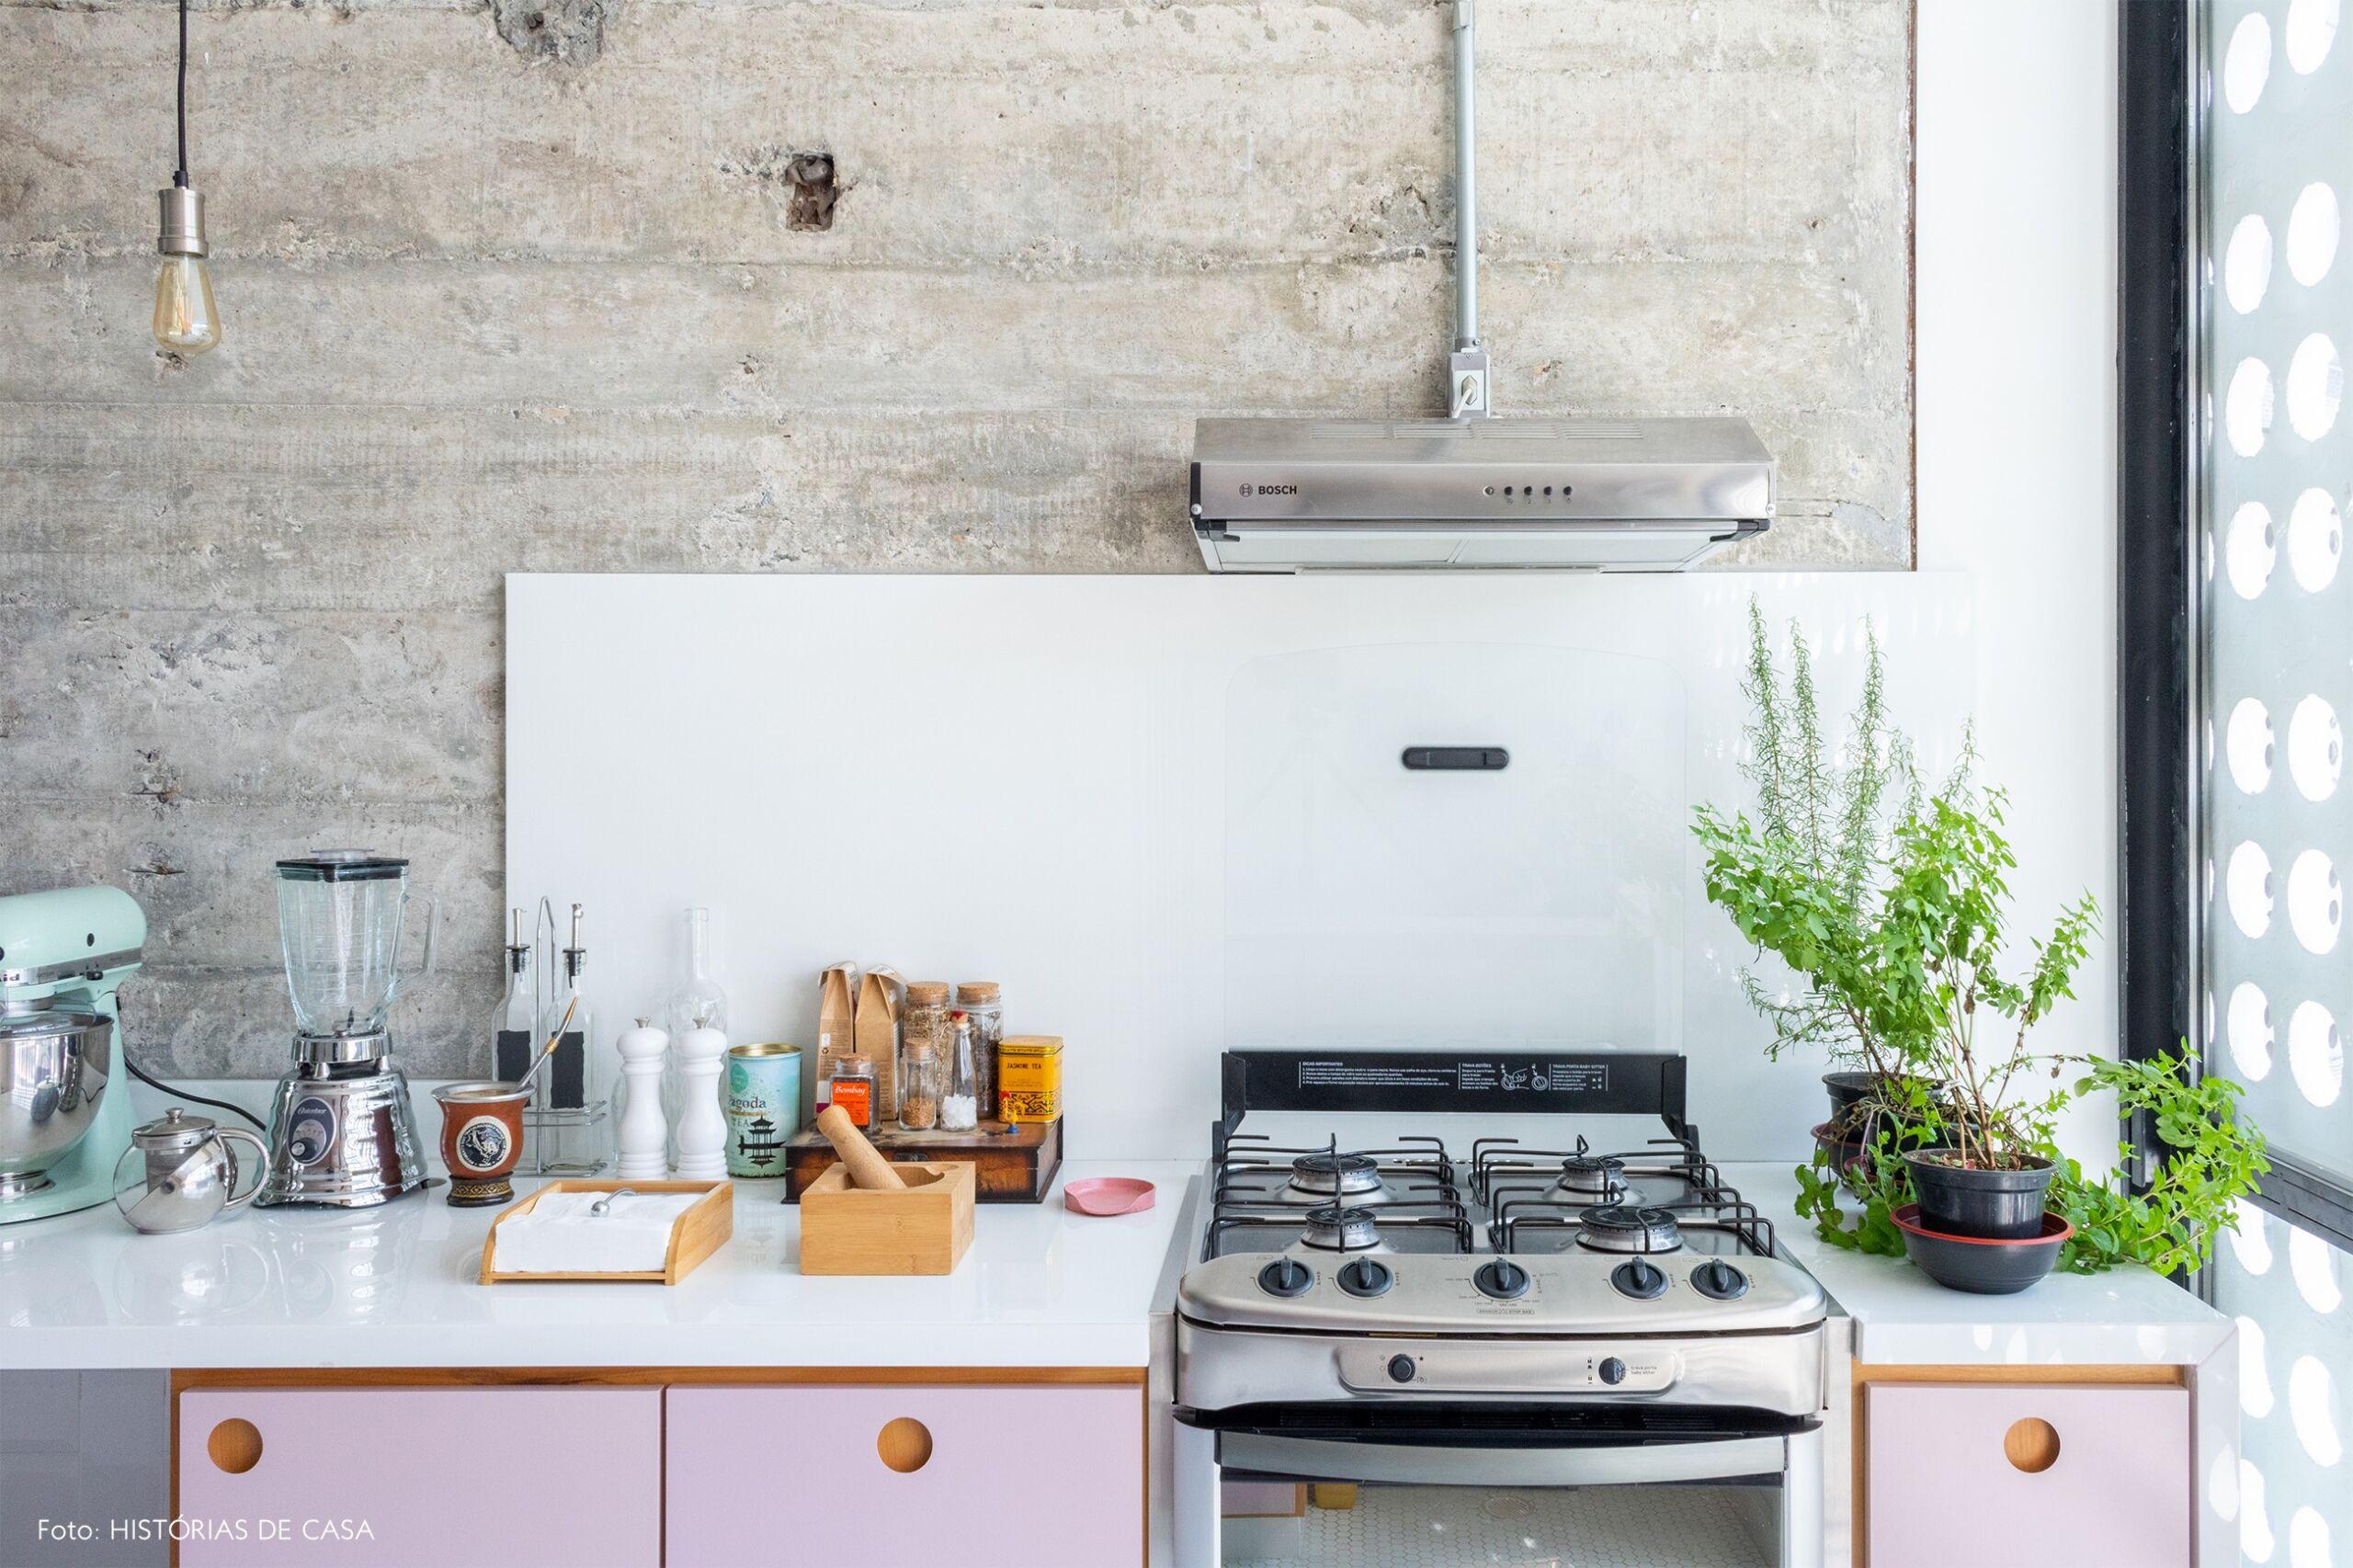 cozinha-detalhe-parede-concreto-armario-rosa